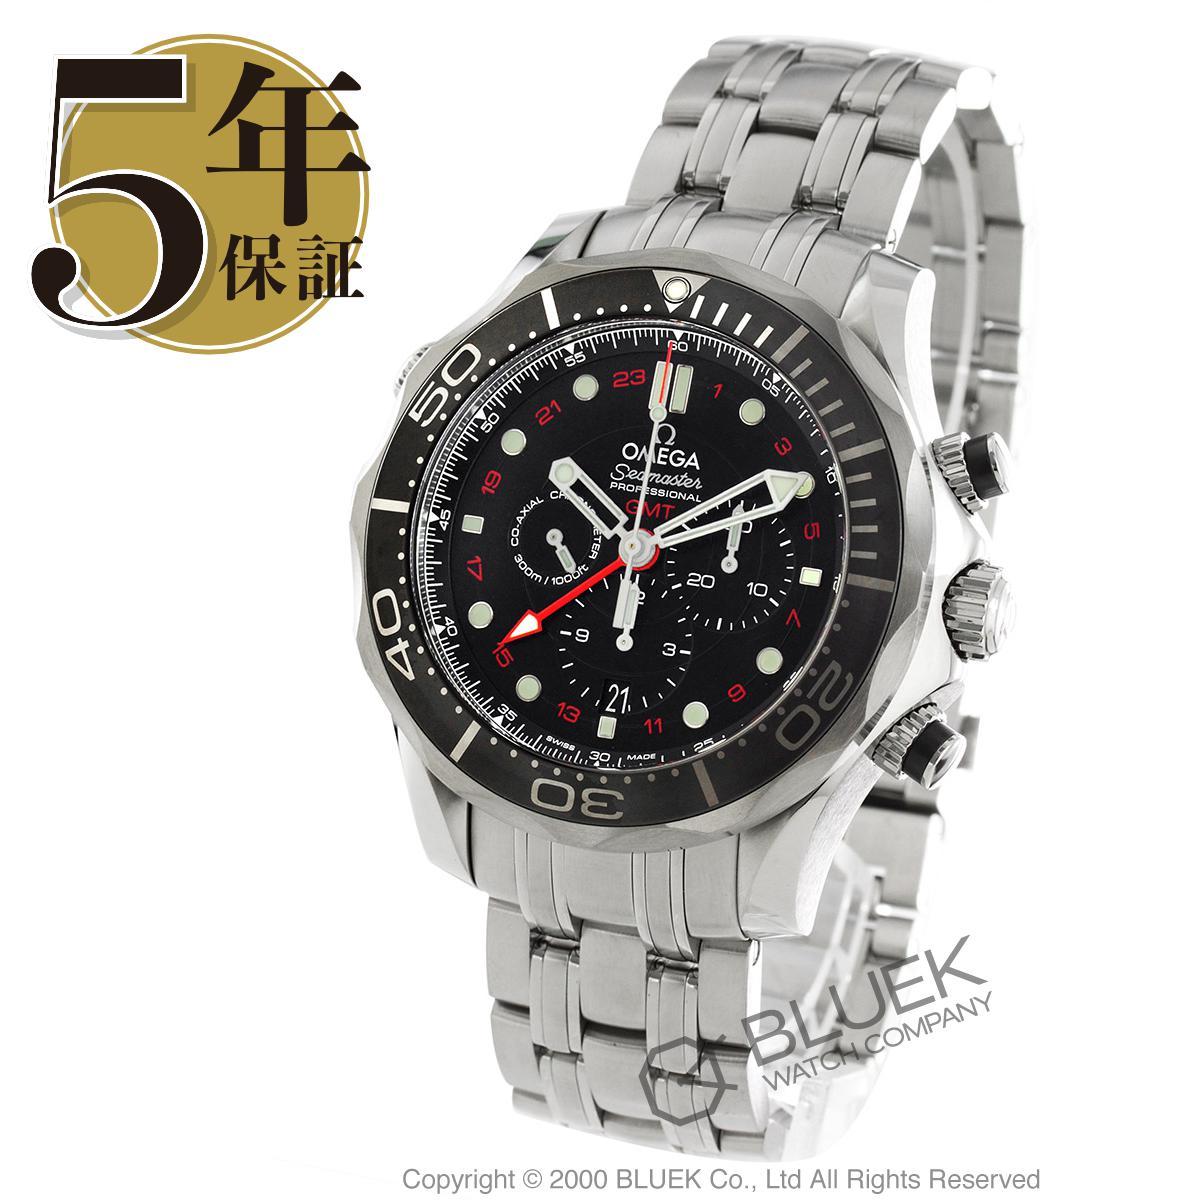 オメガ シーマスター ダイバー300M クロノグラフ GMT 300m防水 腕時計 メンズ OMEGA 212.30.44.52.01.001_5